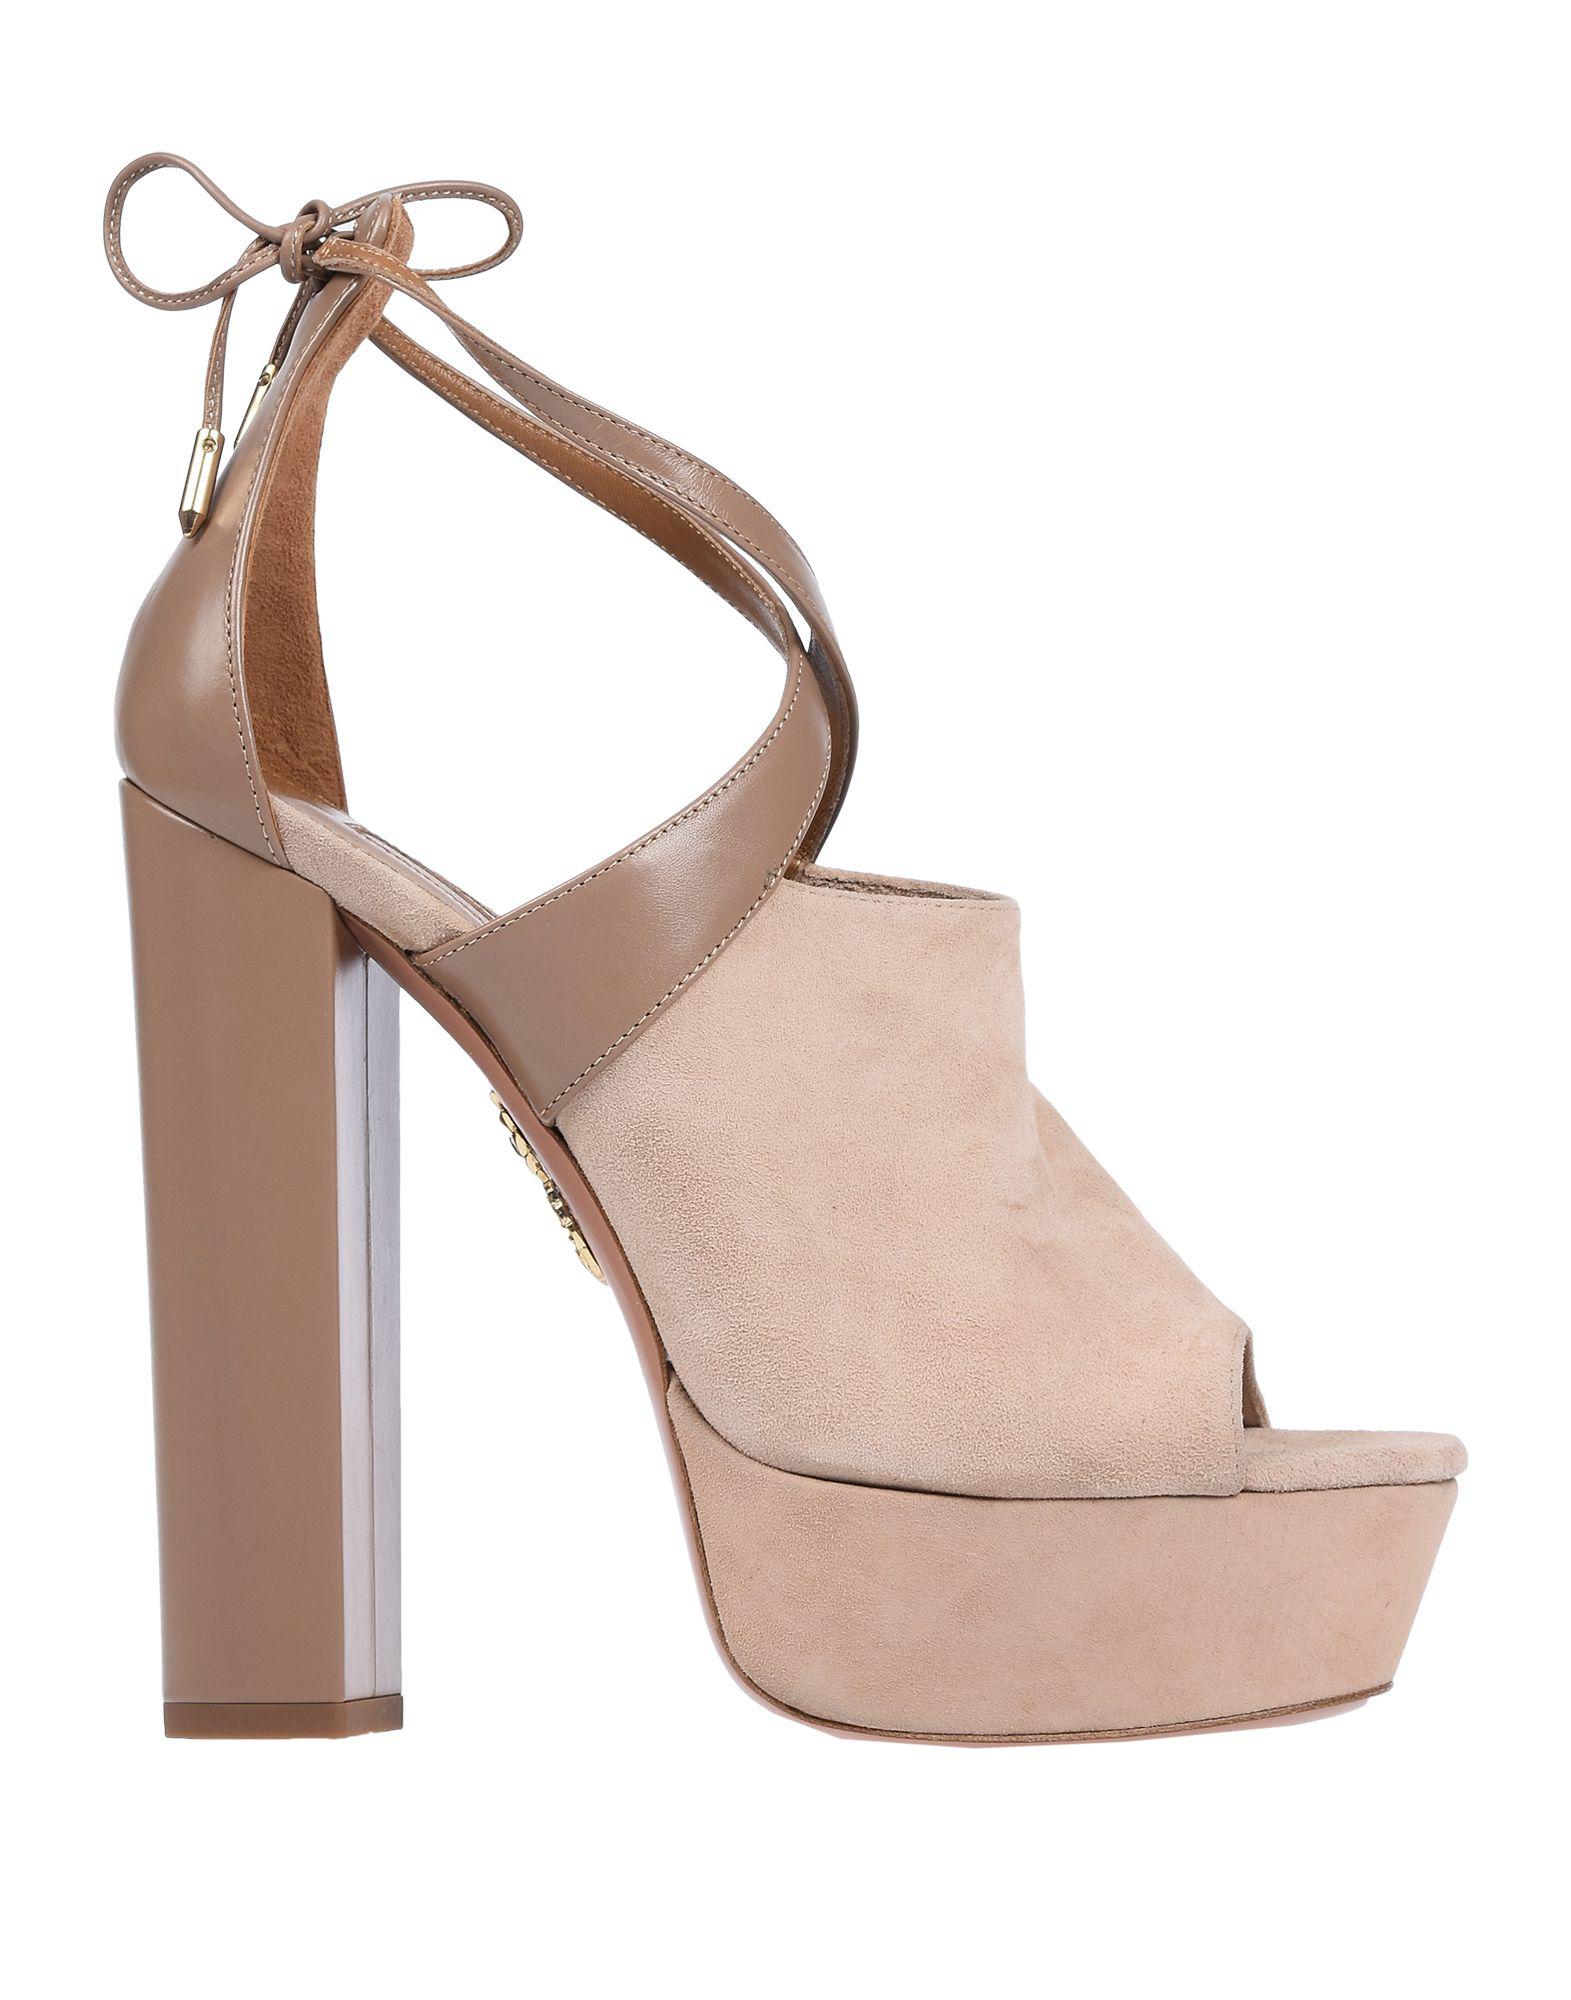 bd4e62e2f8da Aquazzura Sandals In Beige. yoox.com